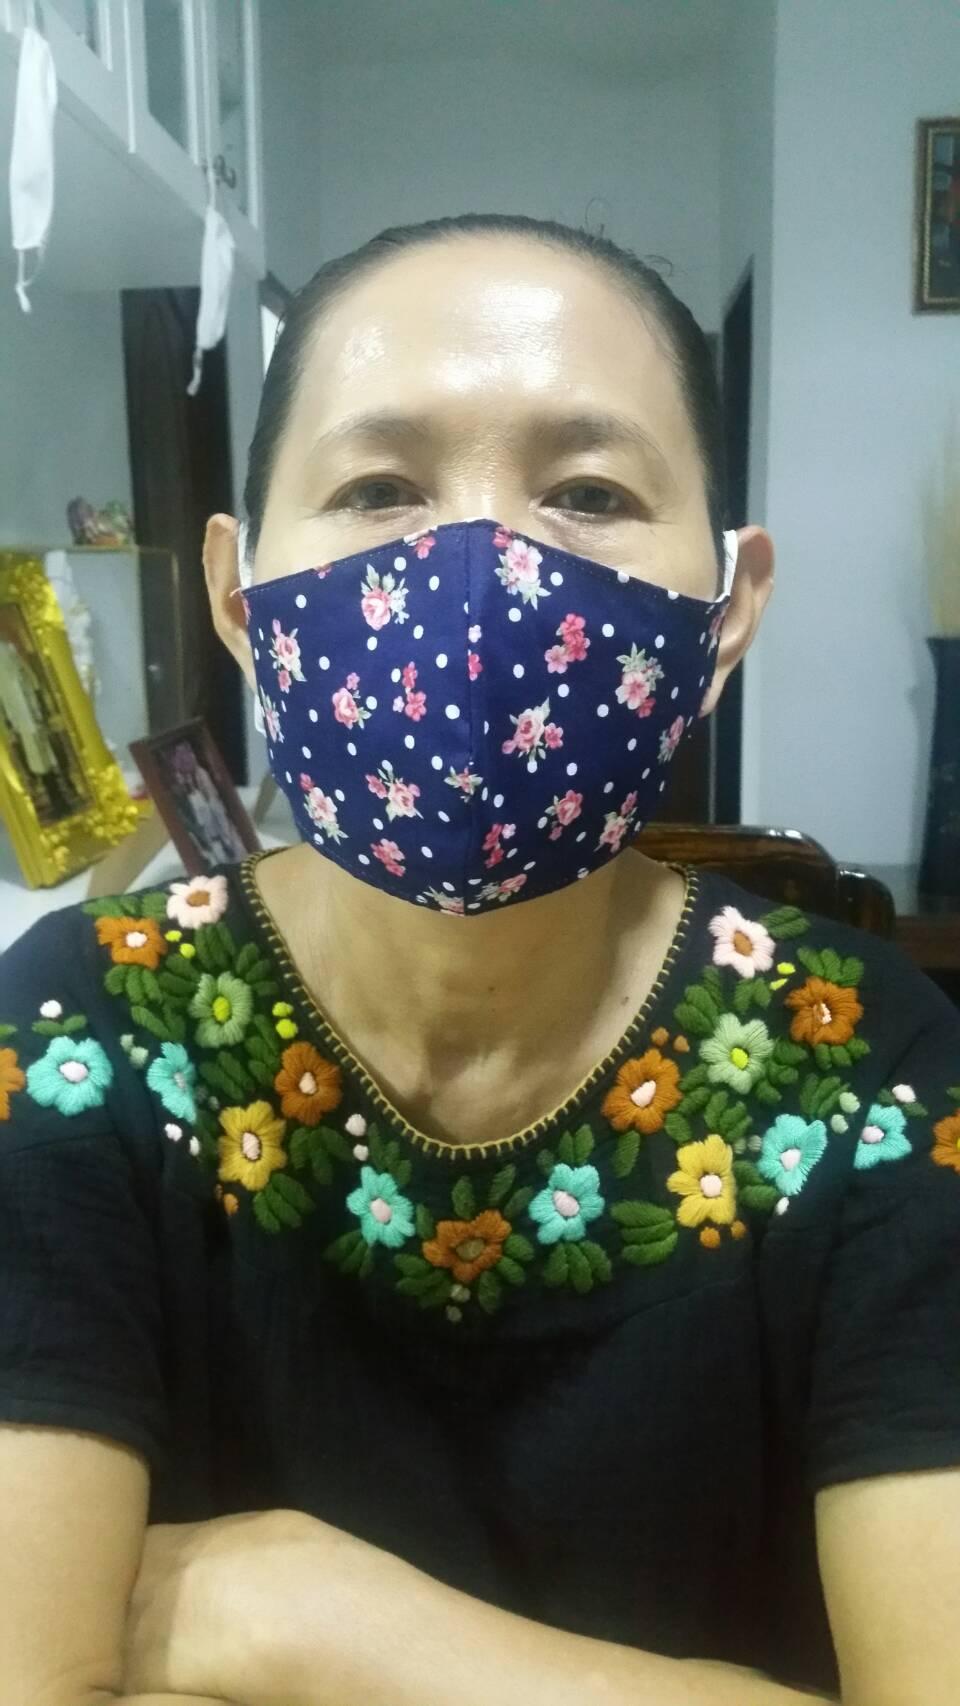 Awn wearing Mask